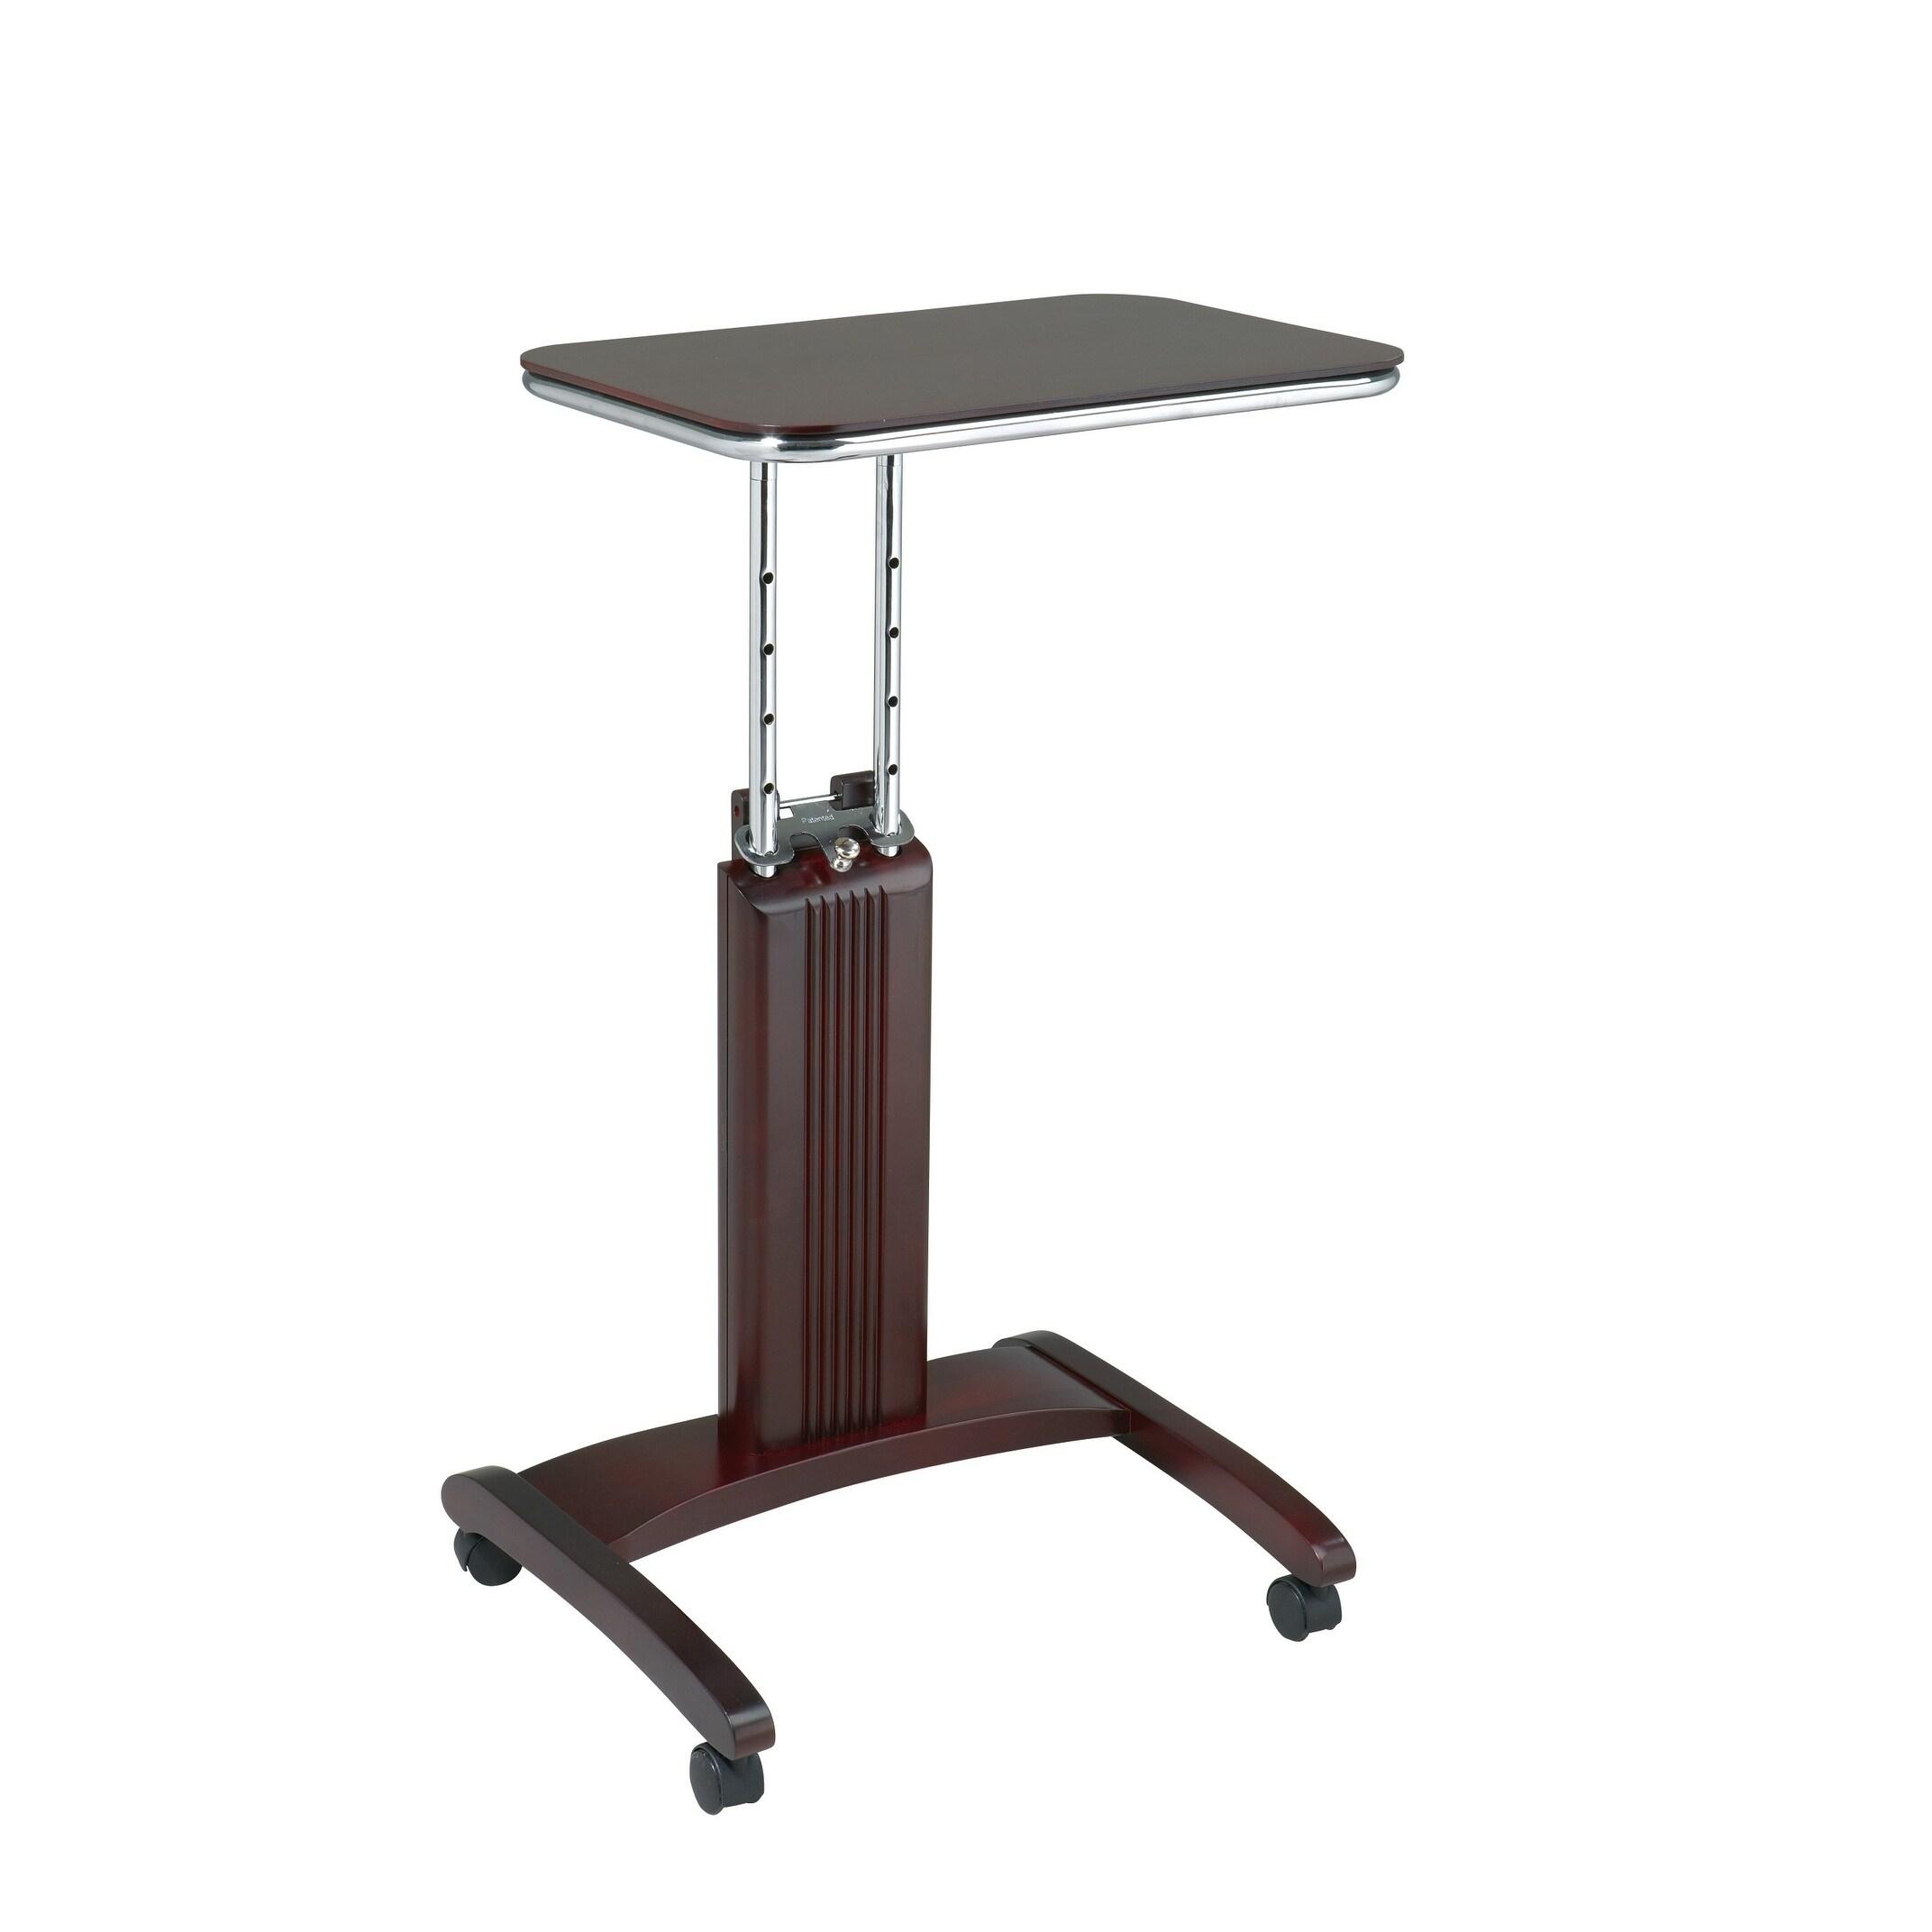 Office Star Wood Veneer Laptop Table (Espresso), Brown